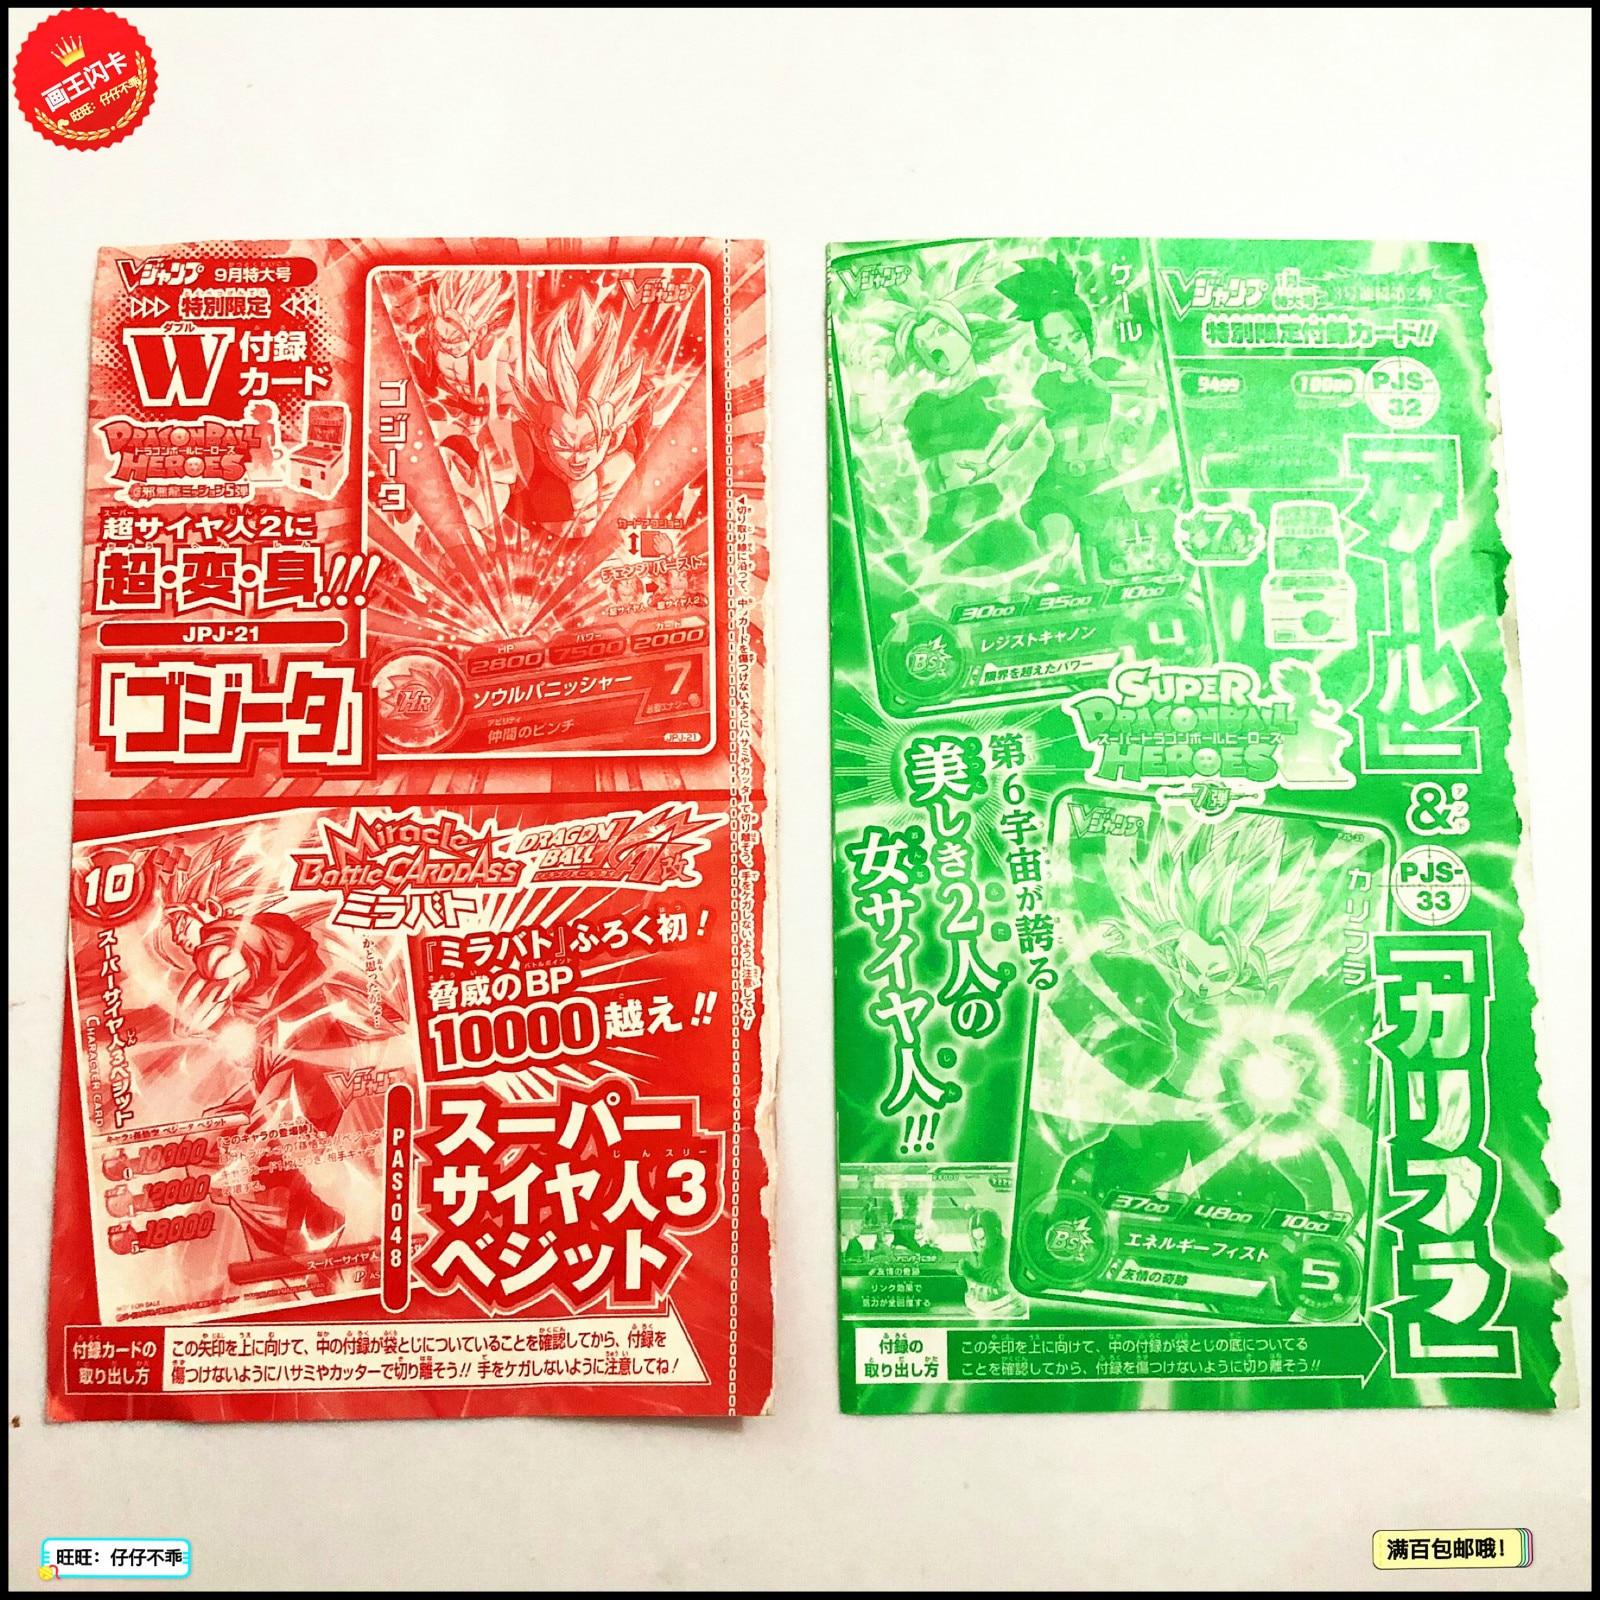 Japan Original Dragon Ball Hero Card  JPJ PJS Goku Toys Hobbies Collectibles Game Collection Anime Cards